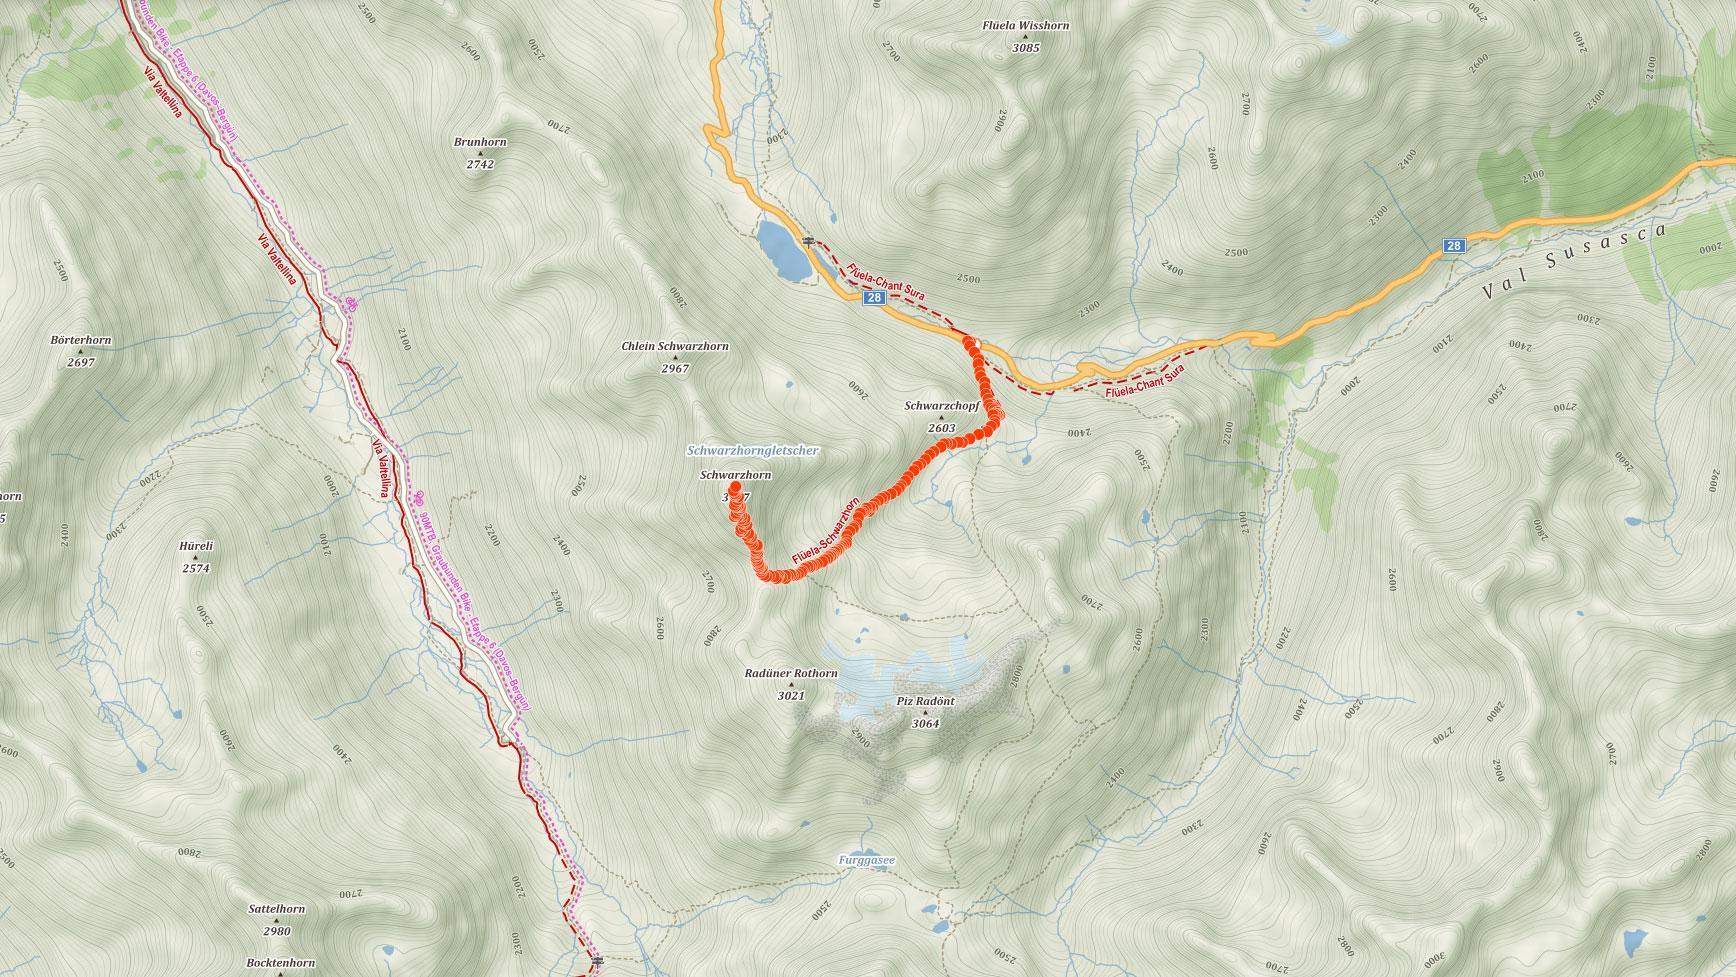 Výstupová trasa na Flüela Schwarzhorn ve švýcarských Alpách